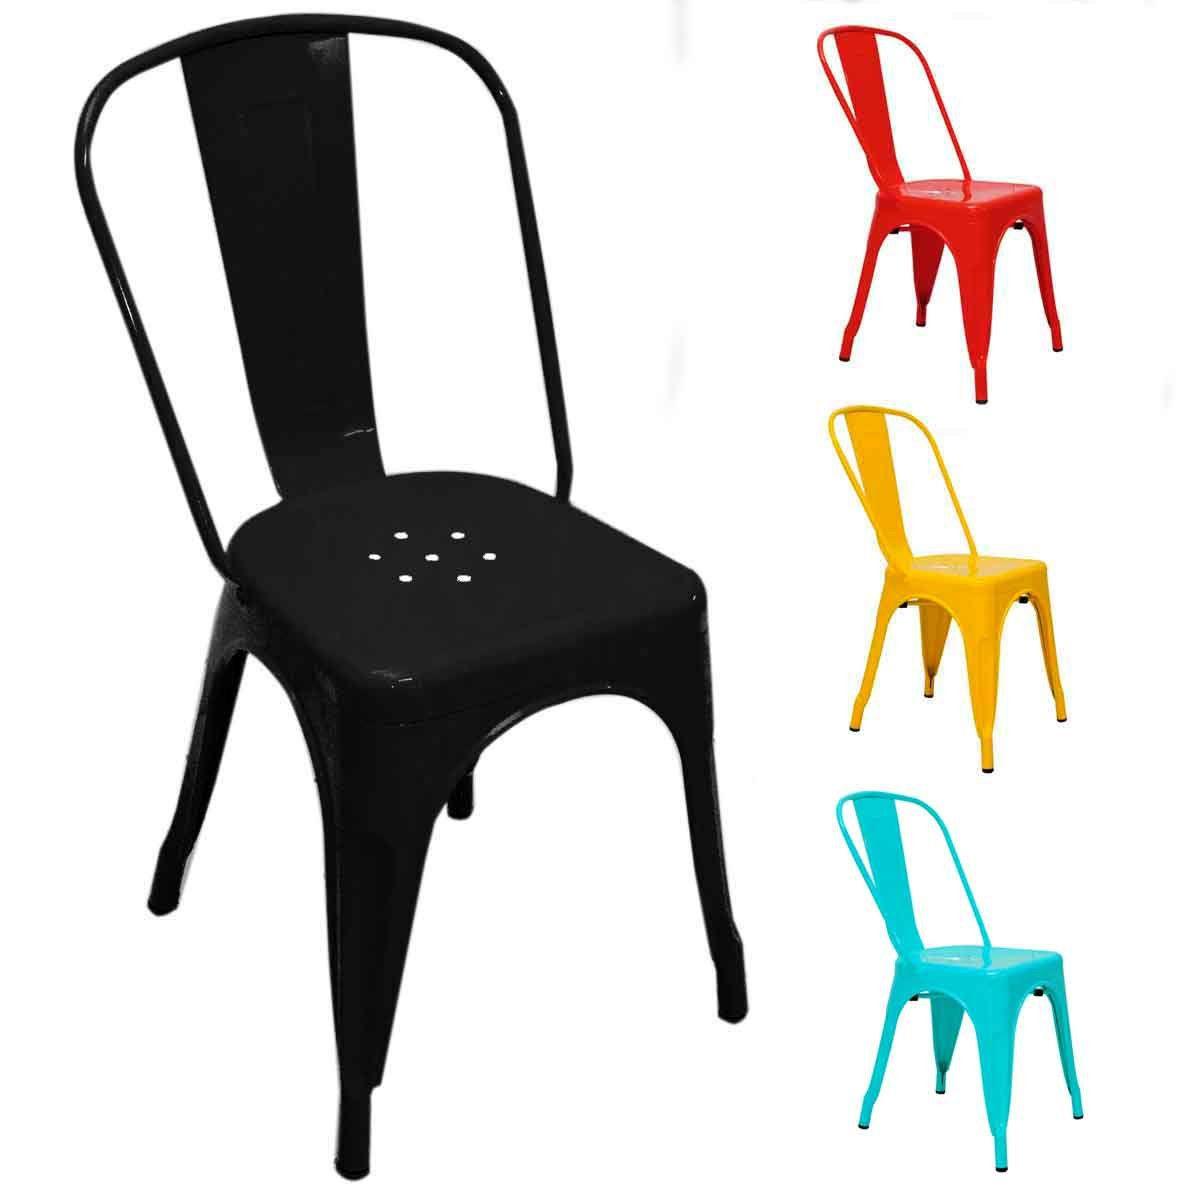 Cadeira Tolix Iron Design 84cm Cozinha Jantar Bar Cores